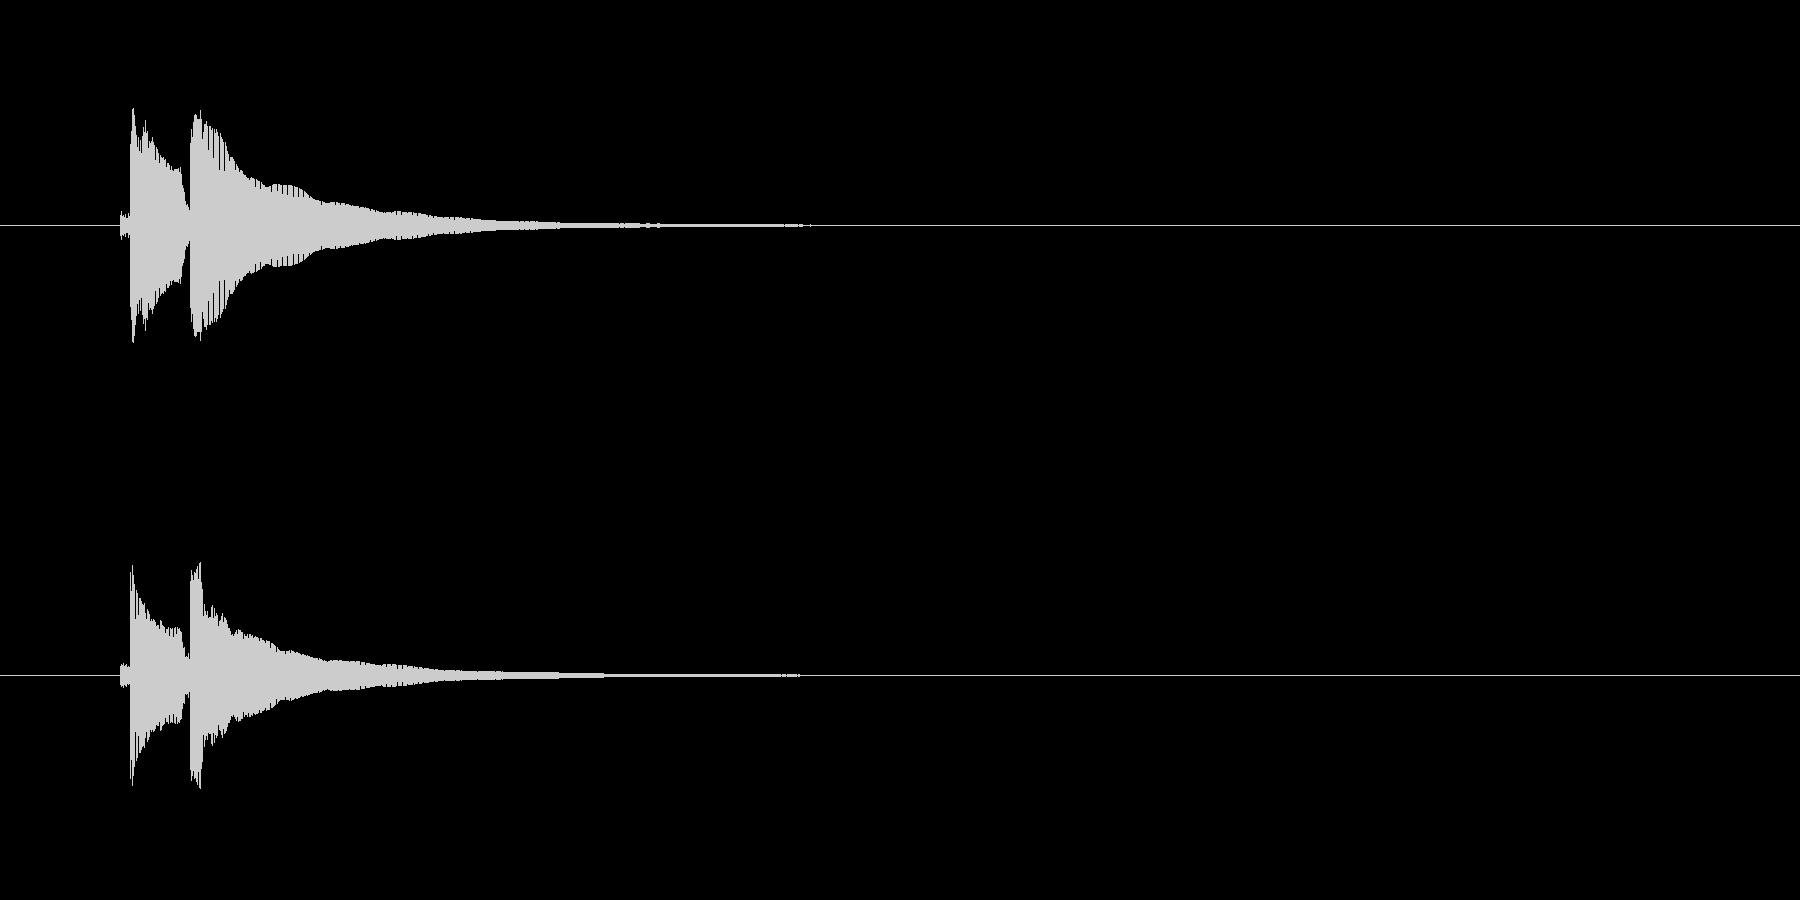 三味線の効果音(単音)パターン1の未再生の波形